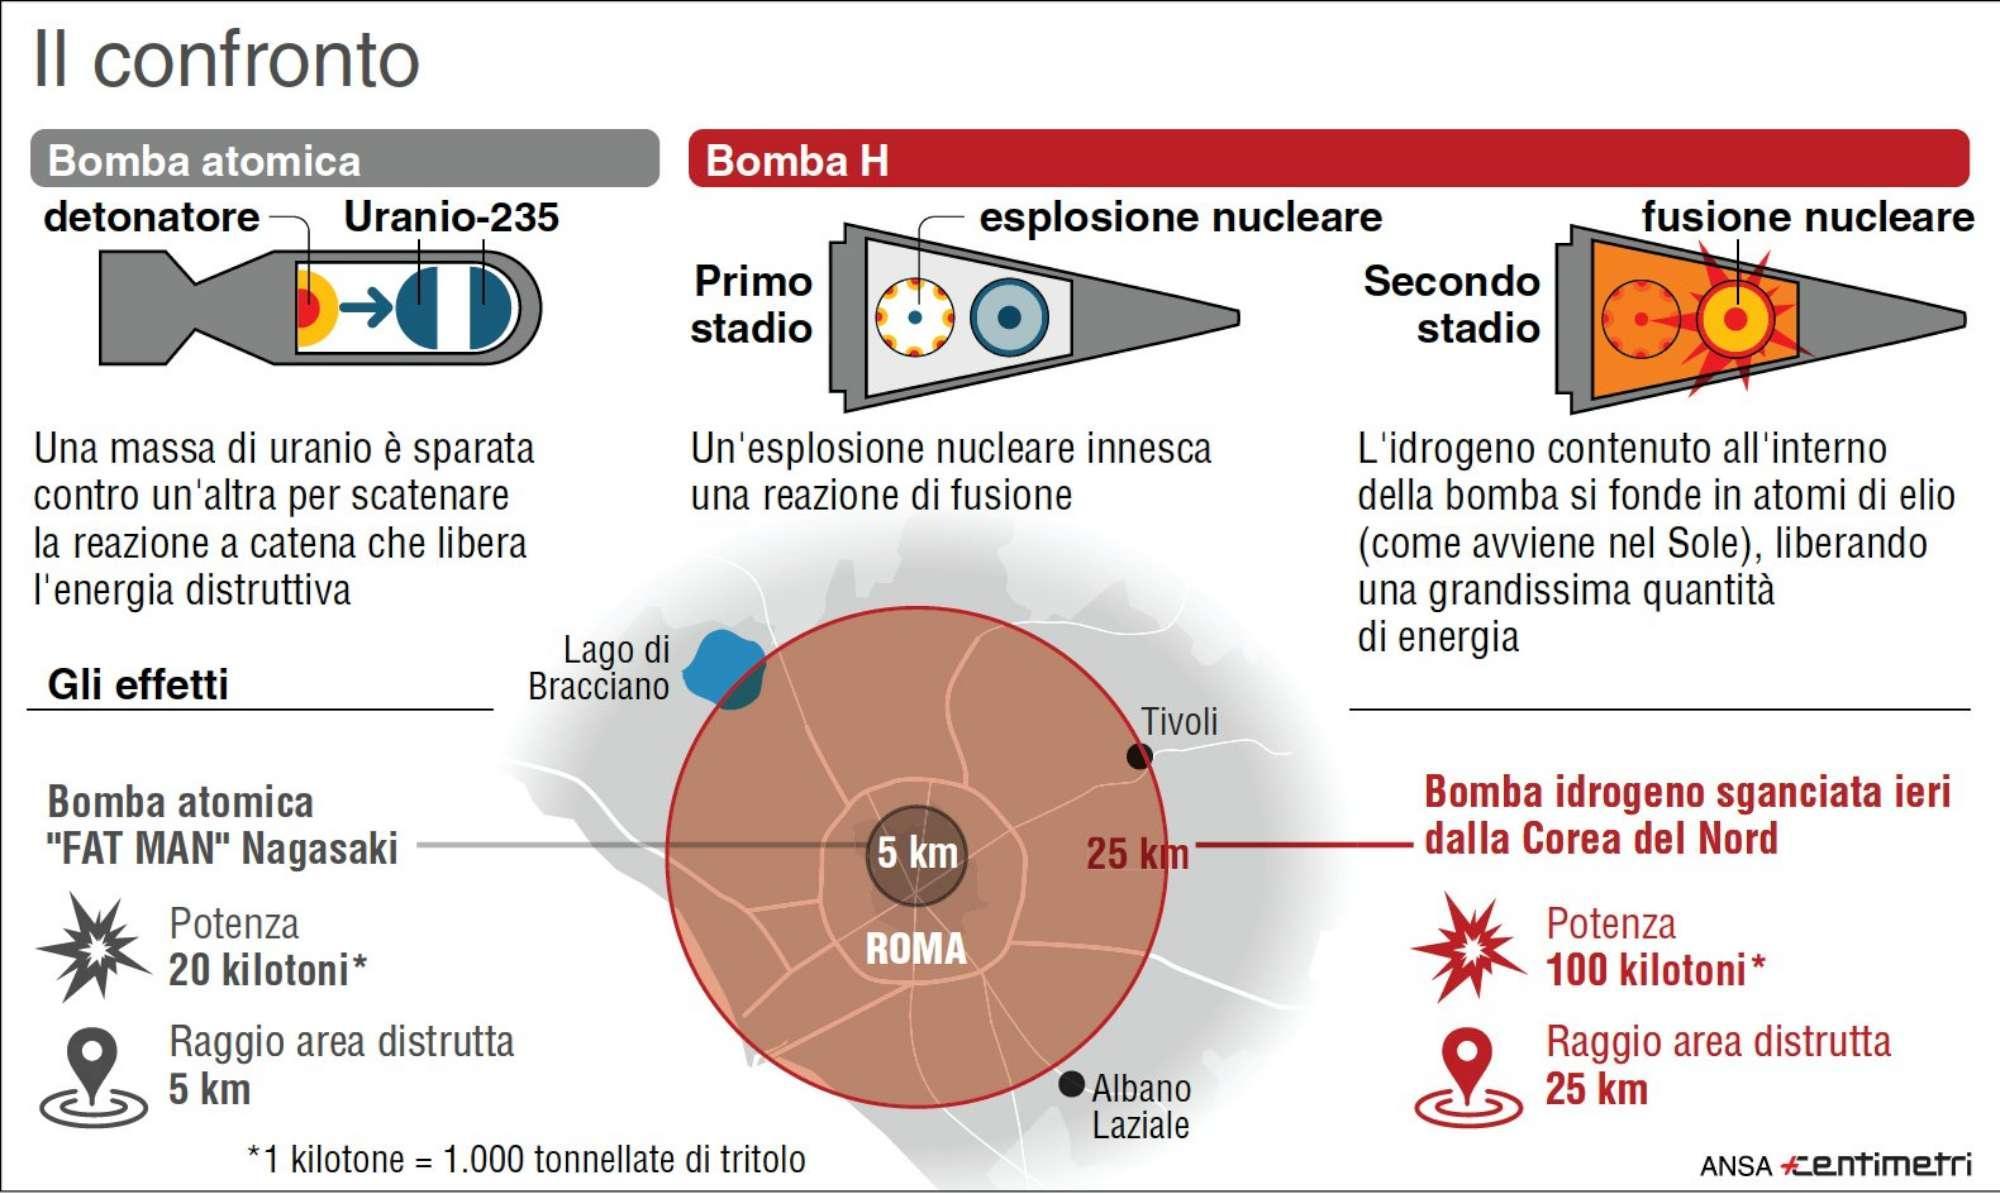 Bomba atomica e bomba H: le differenze